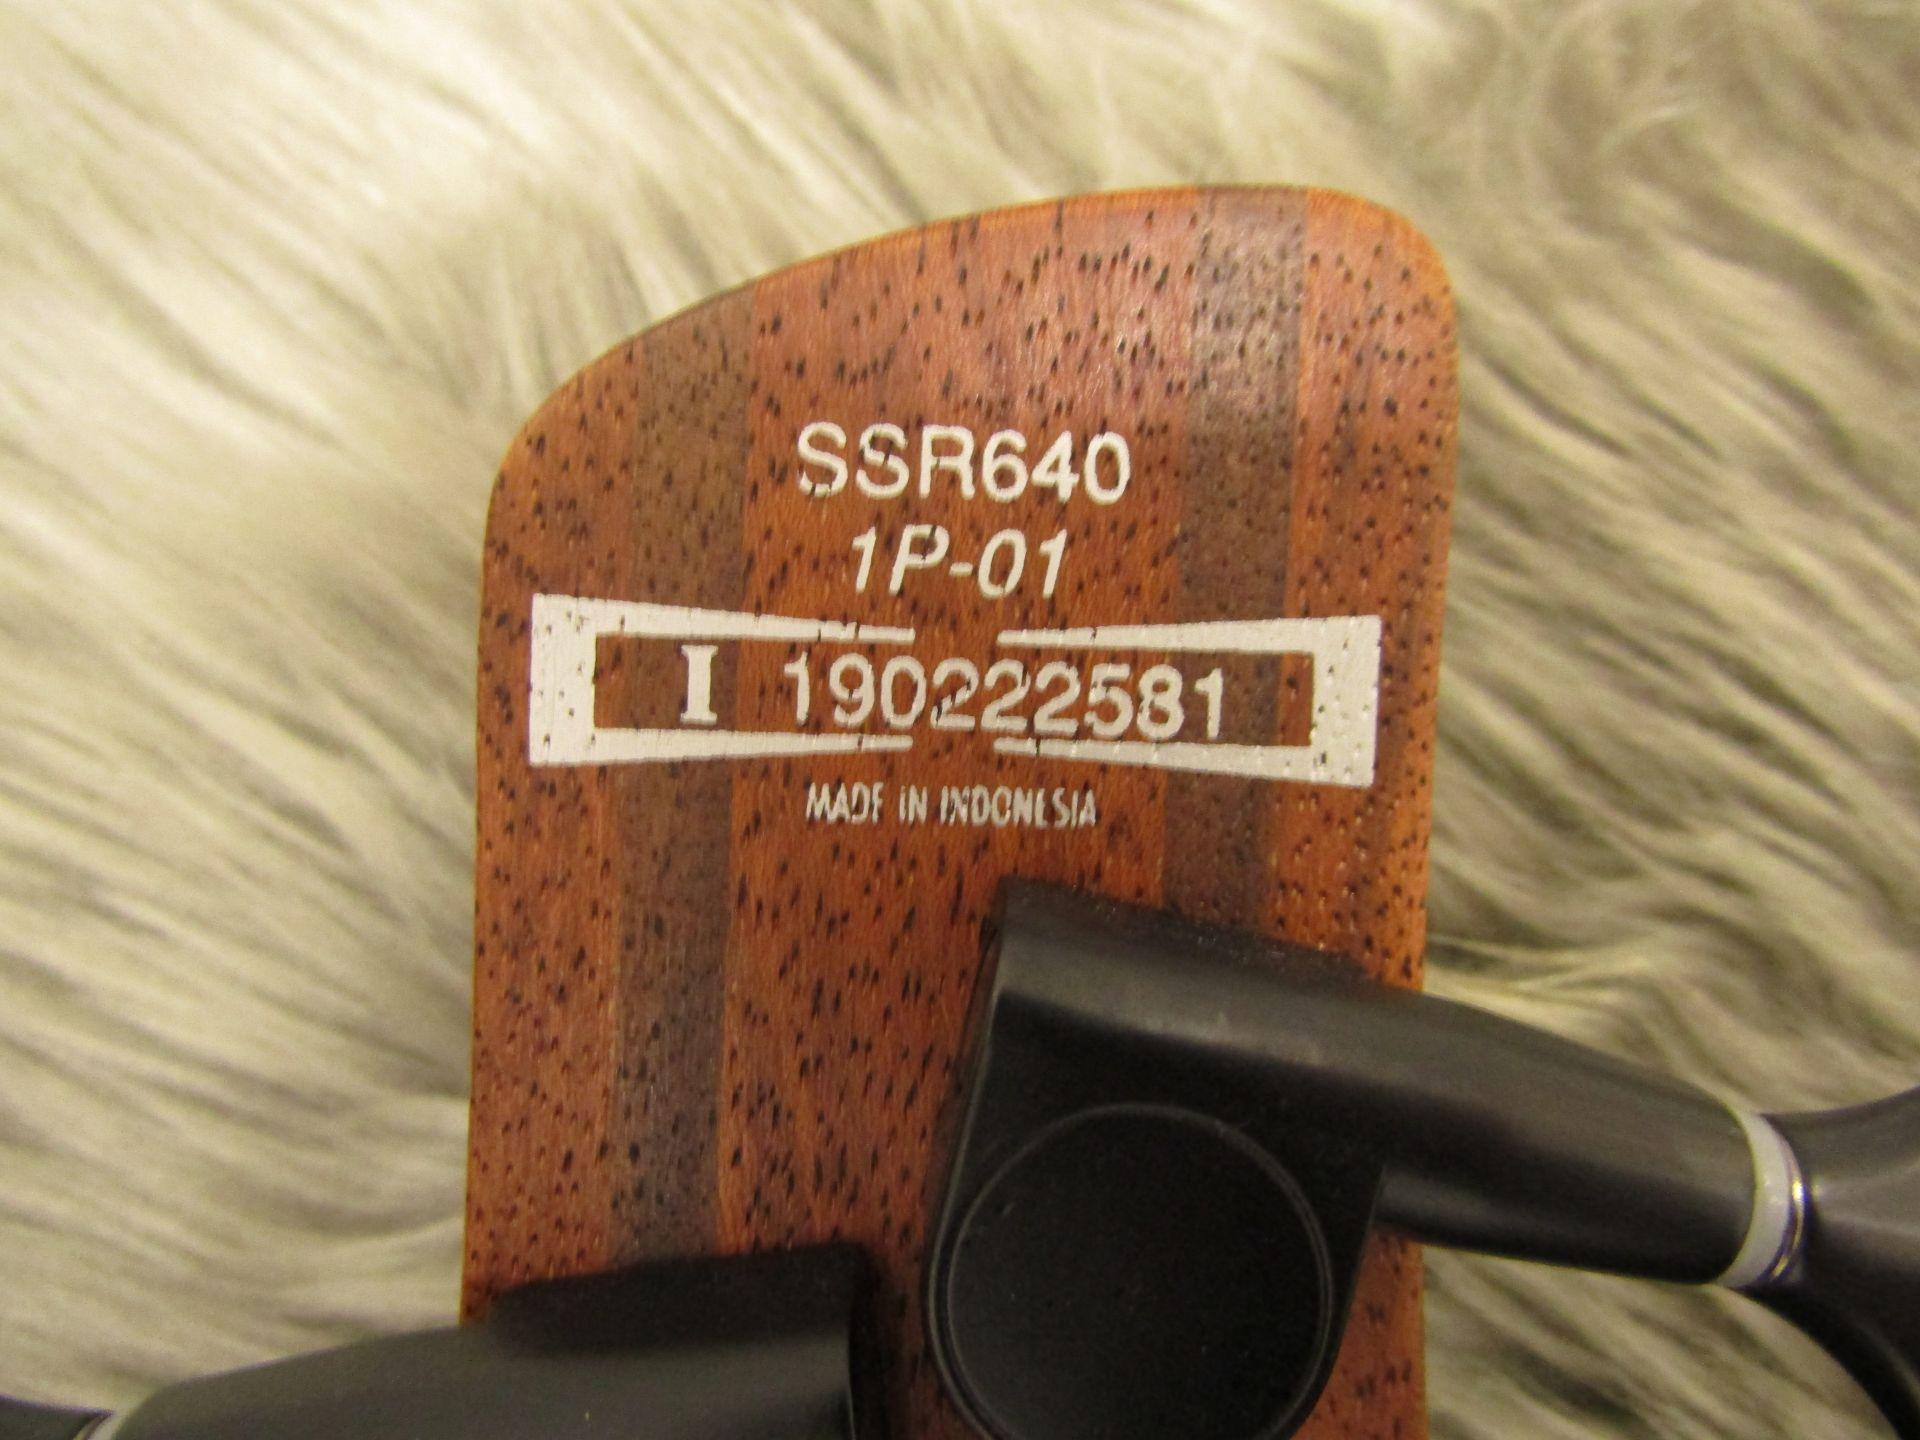 SSR640のケース・その他画像